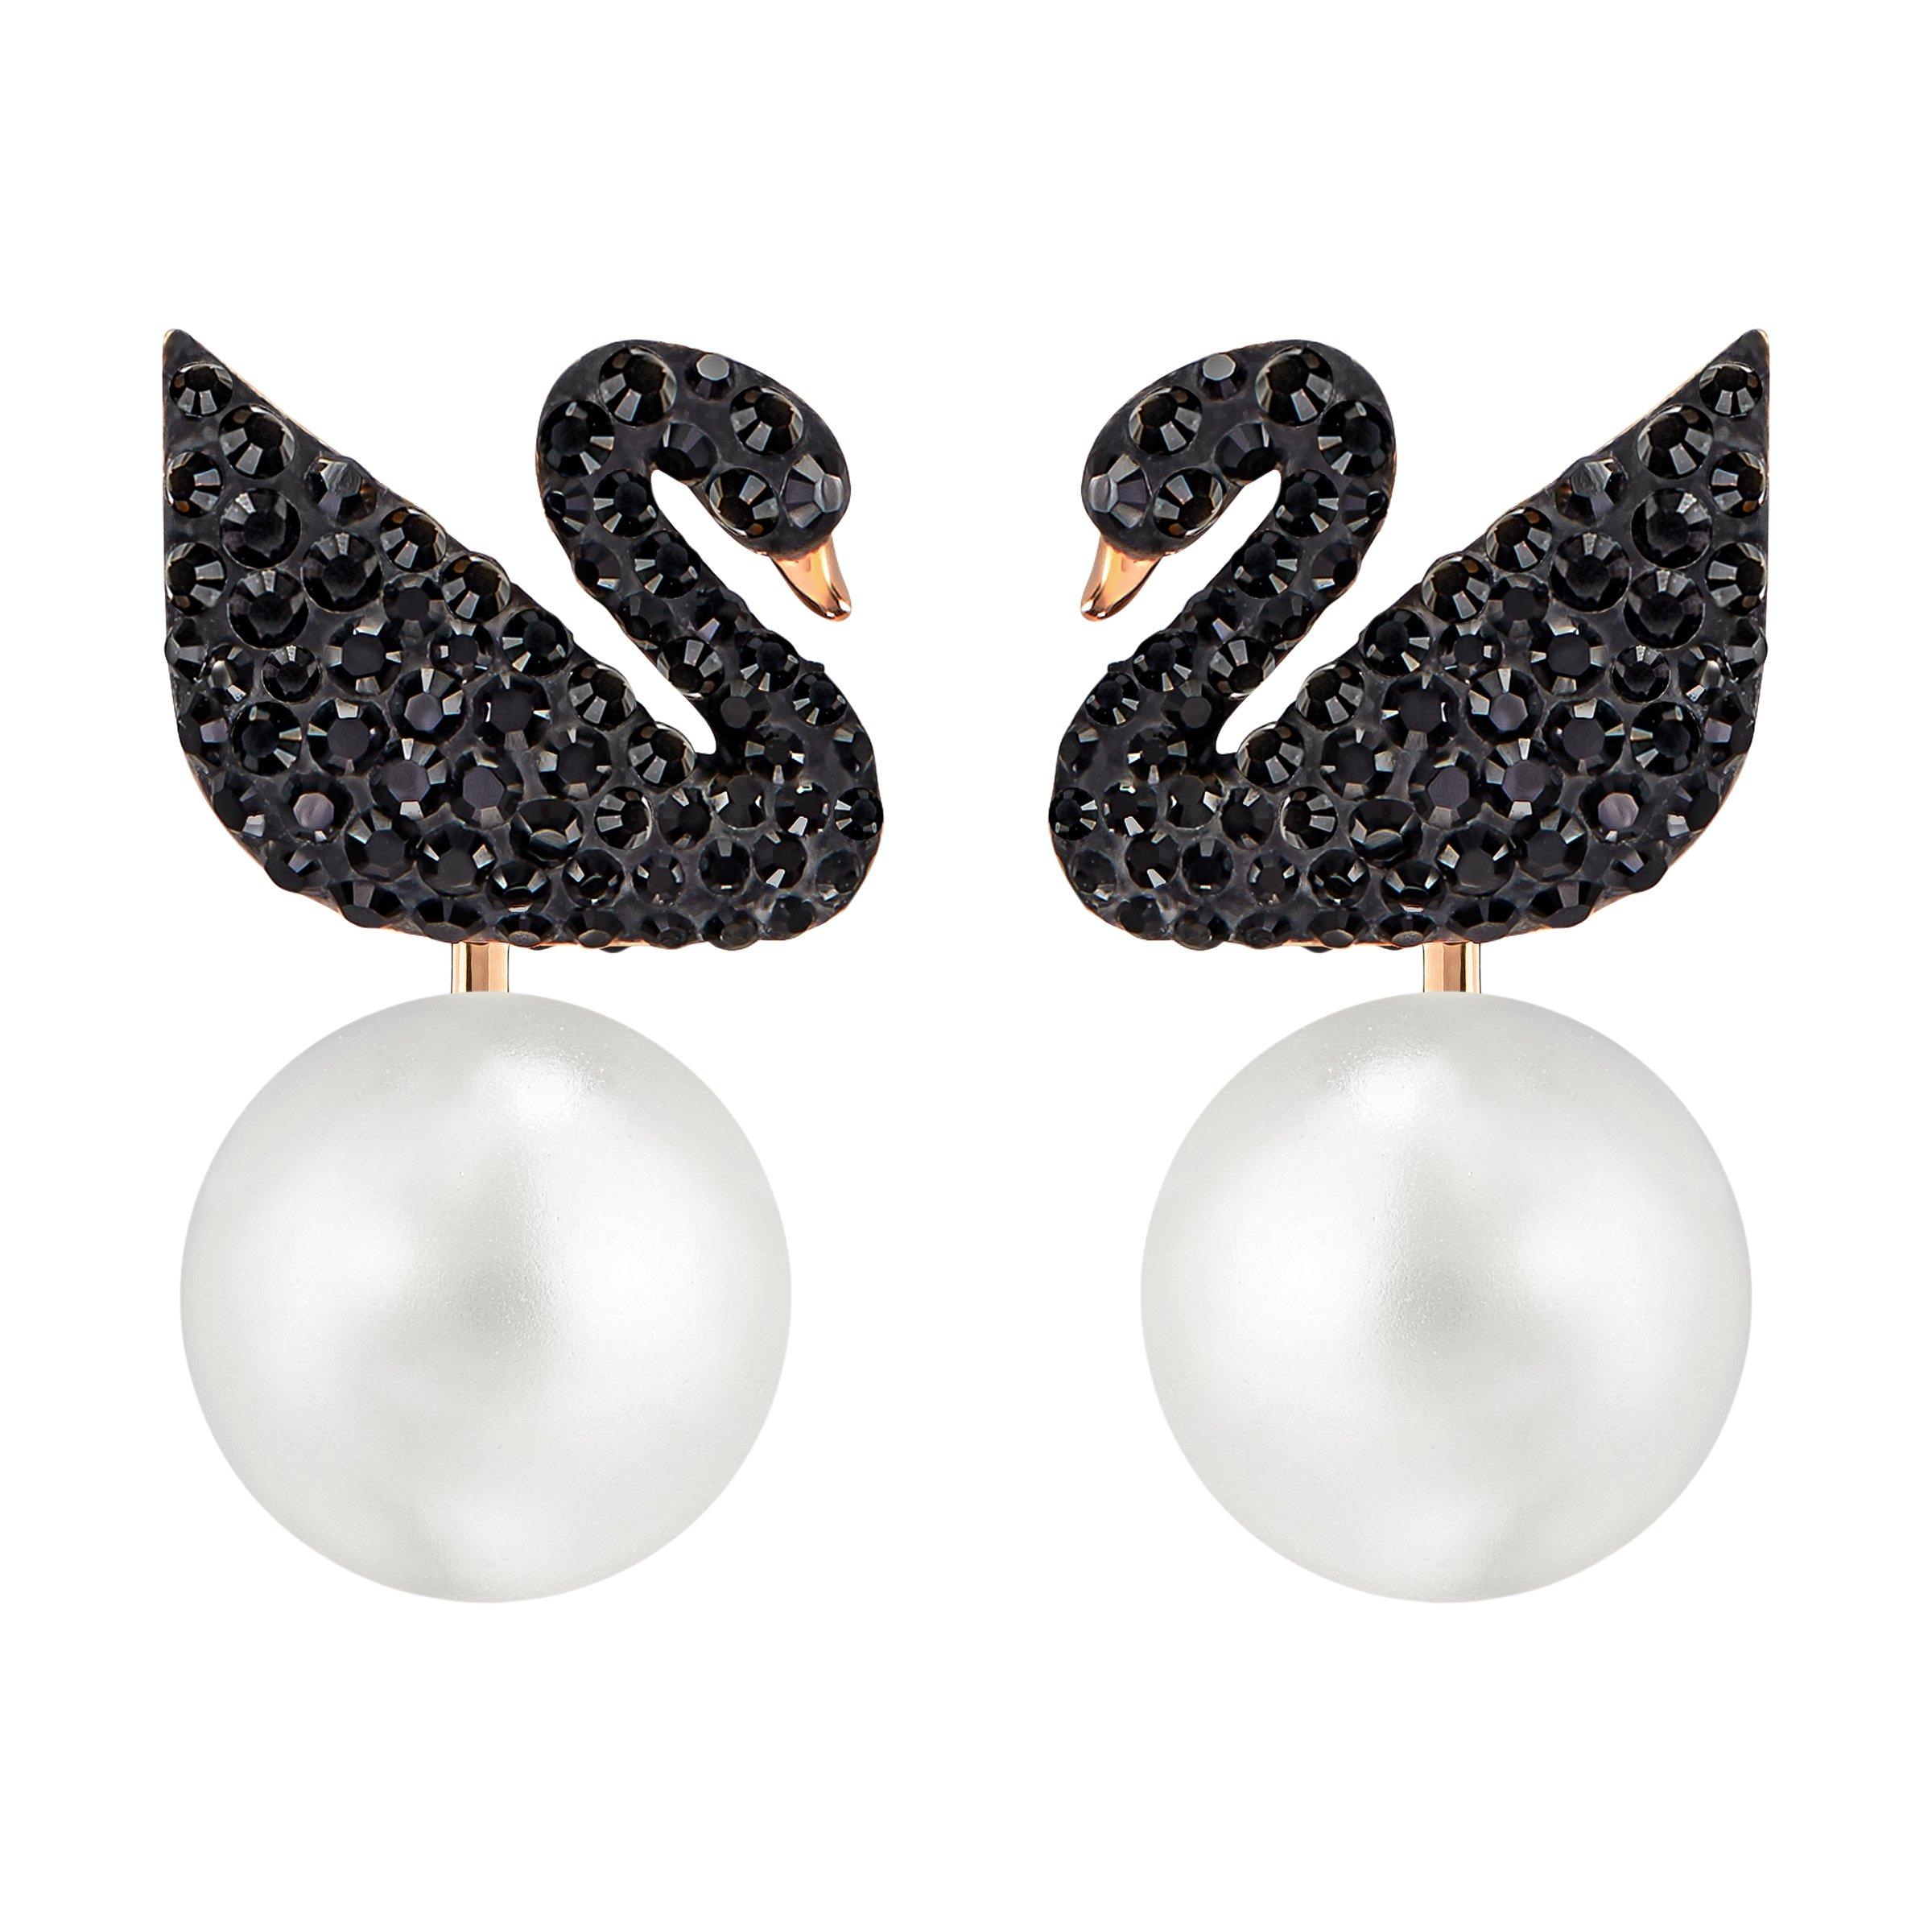 Swarovski Iconic Swan Earrings - 5193949 by SWAROVSKI